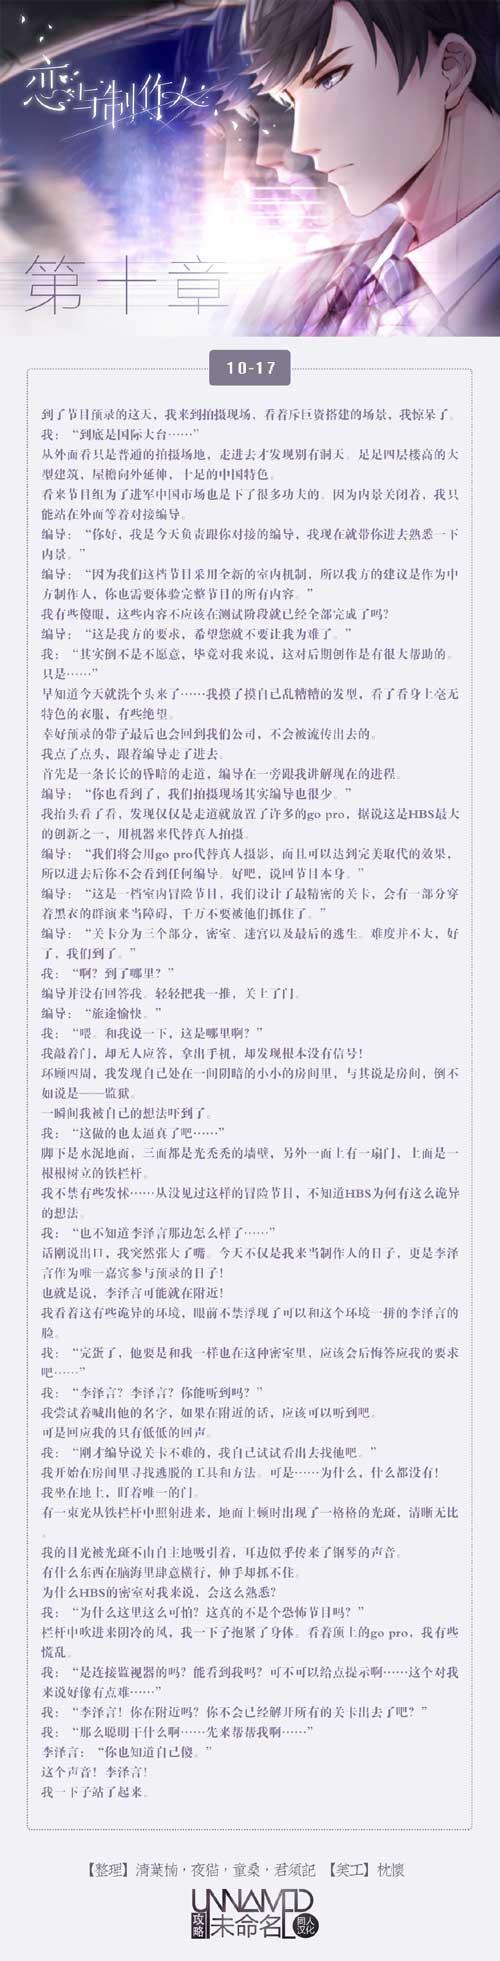 恋与制作人10-17剧情 恋与制作人第十章剧情